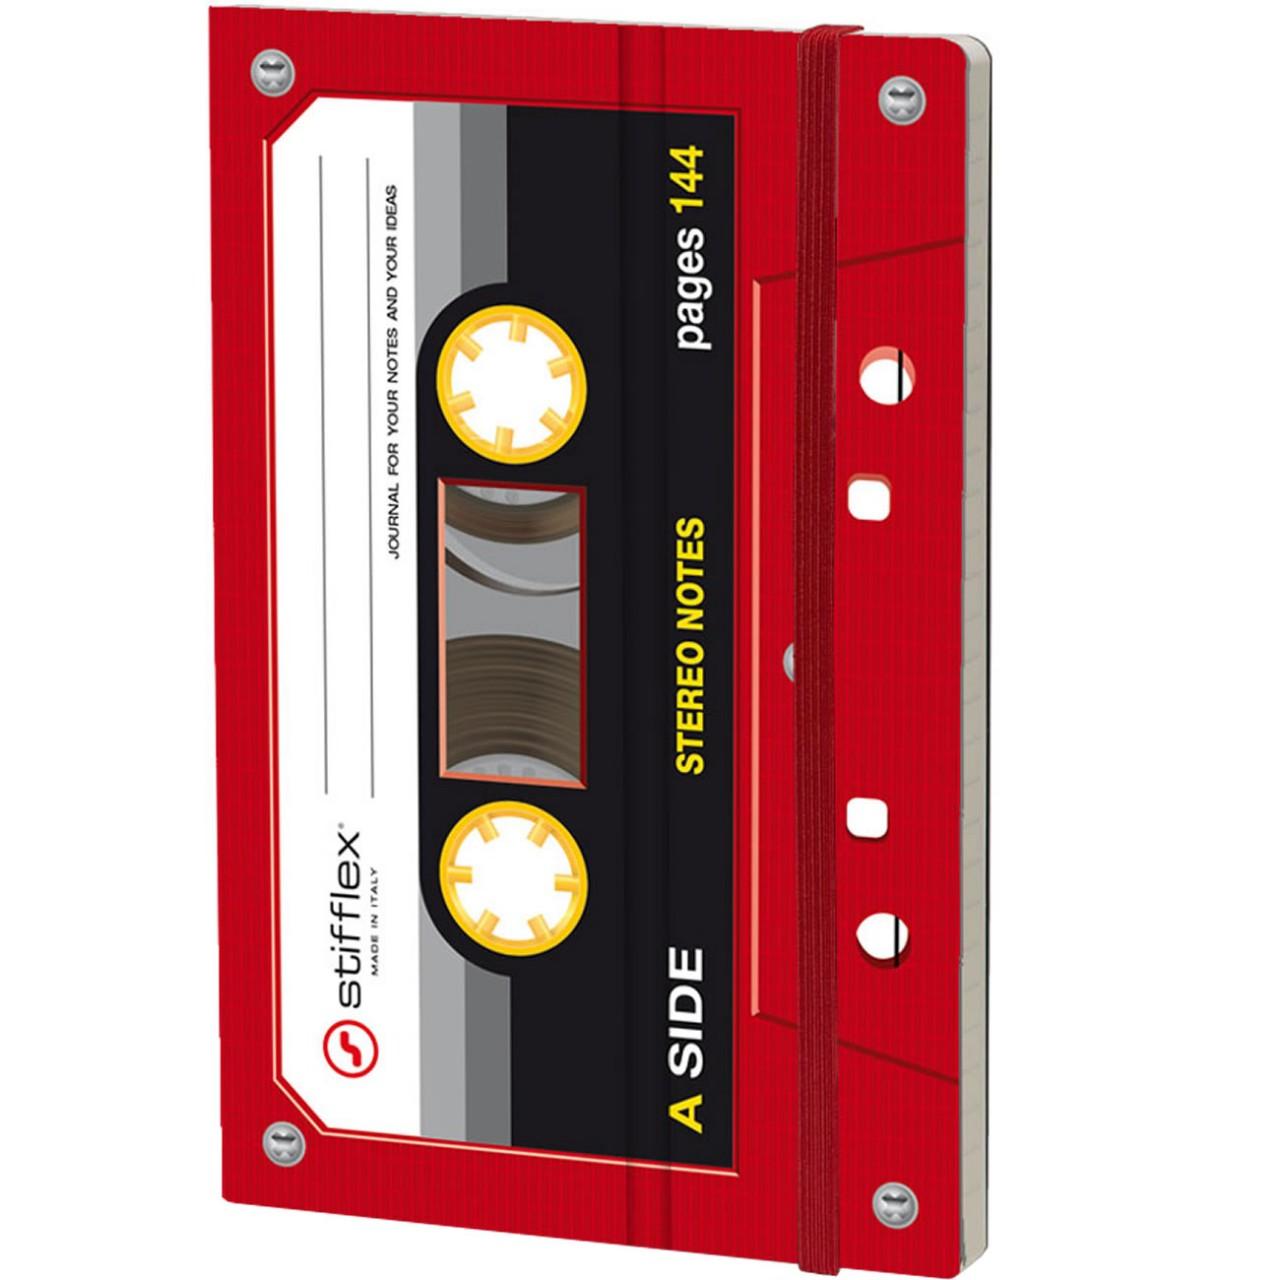 Stifflex Notizbuch MUSICASSETTE 9 x 14 cm 144 S.,  RED TAPE